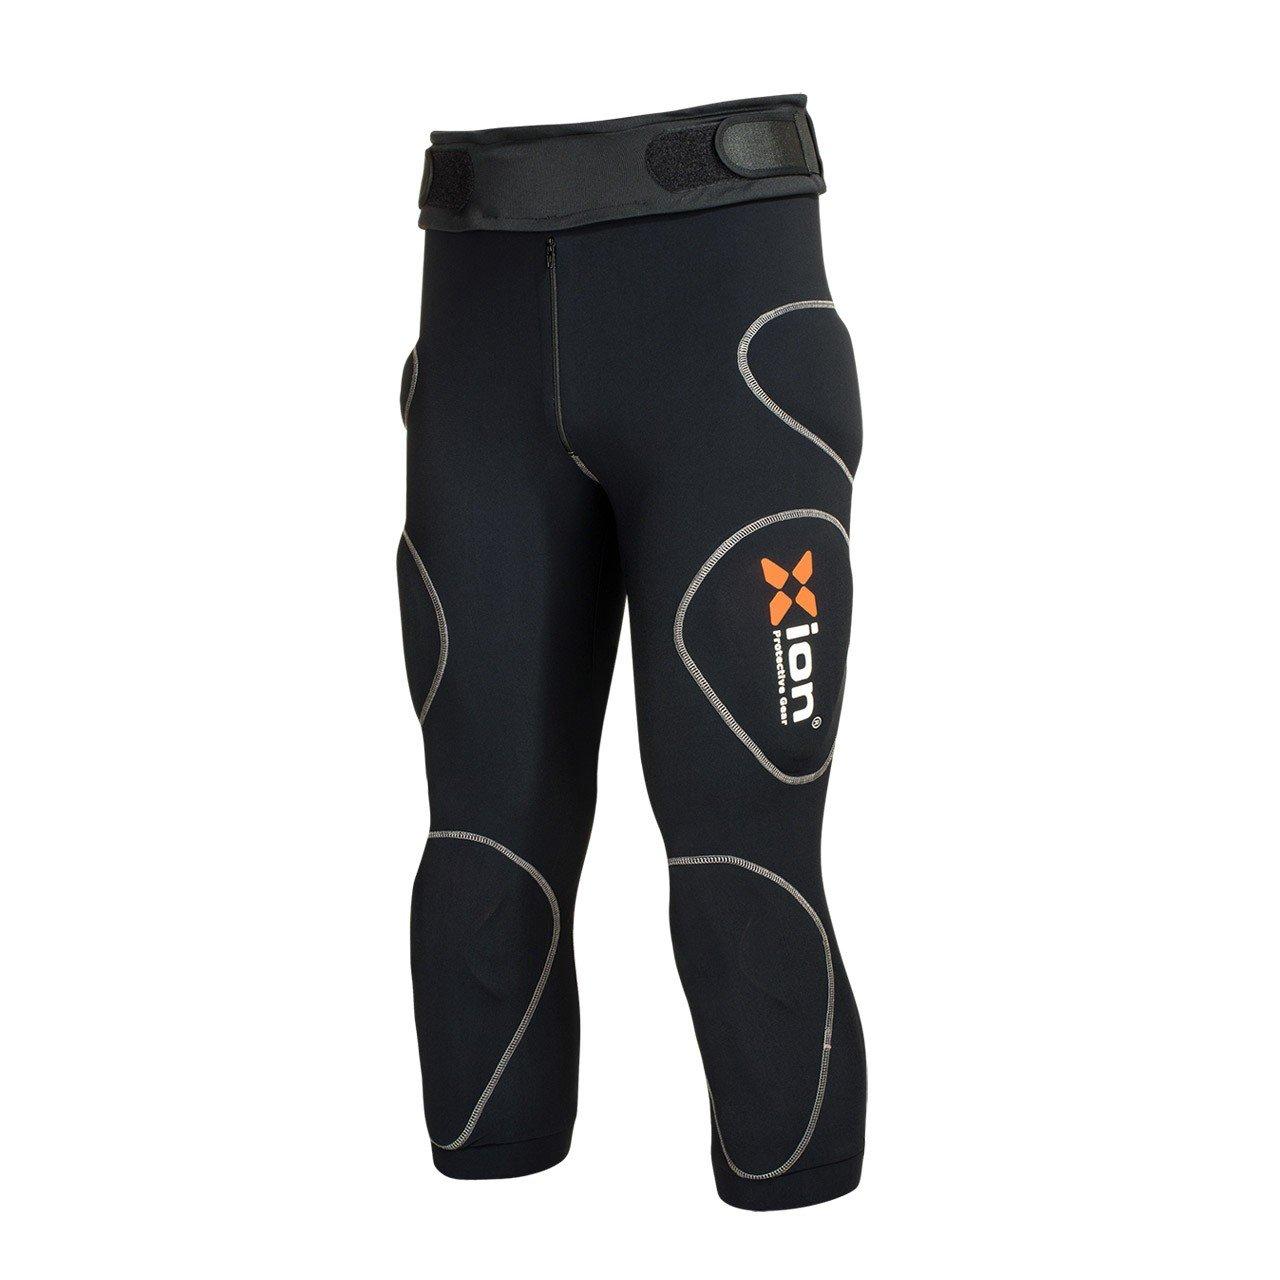 Xion Bermuda Freeride Pants - Men's Large